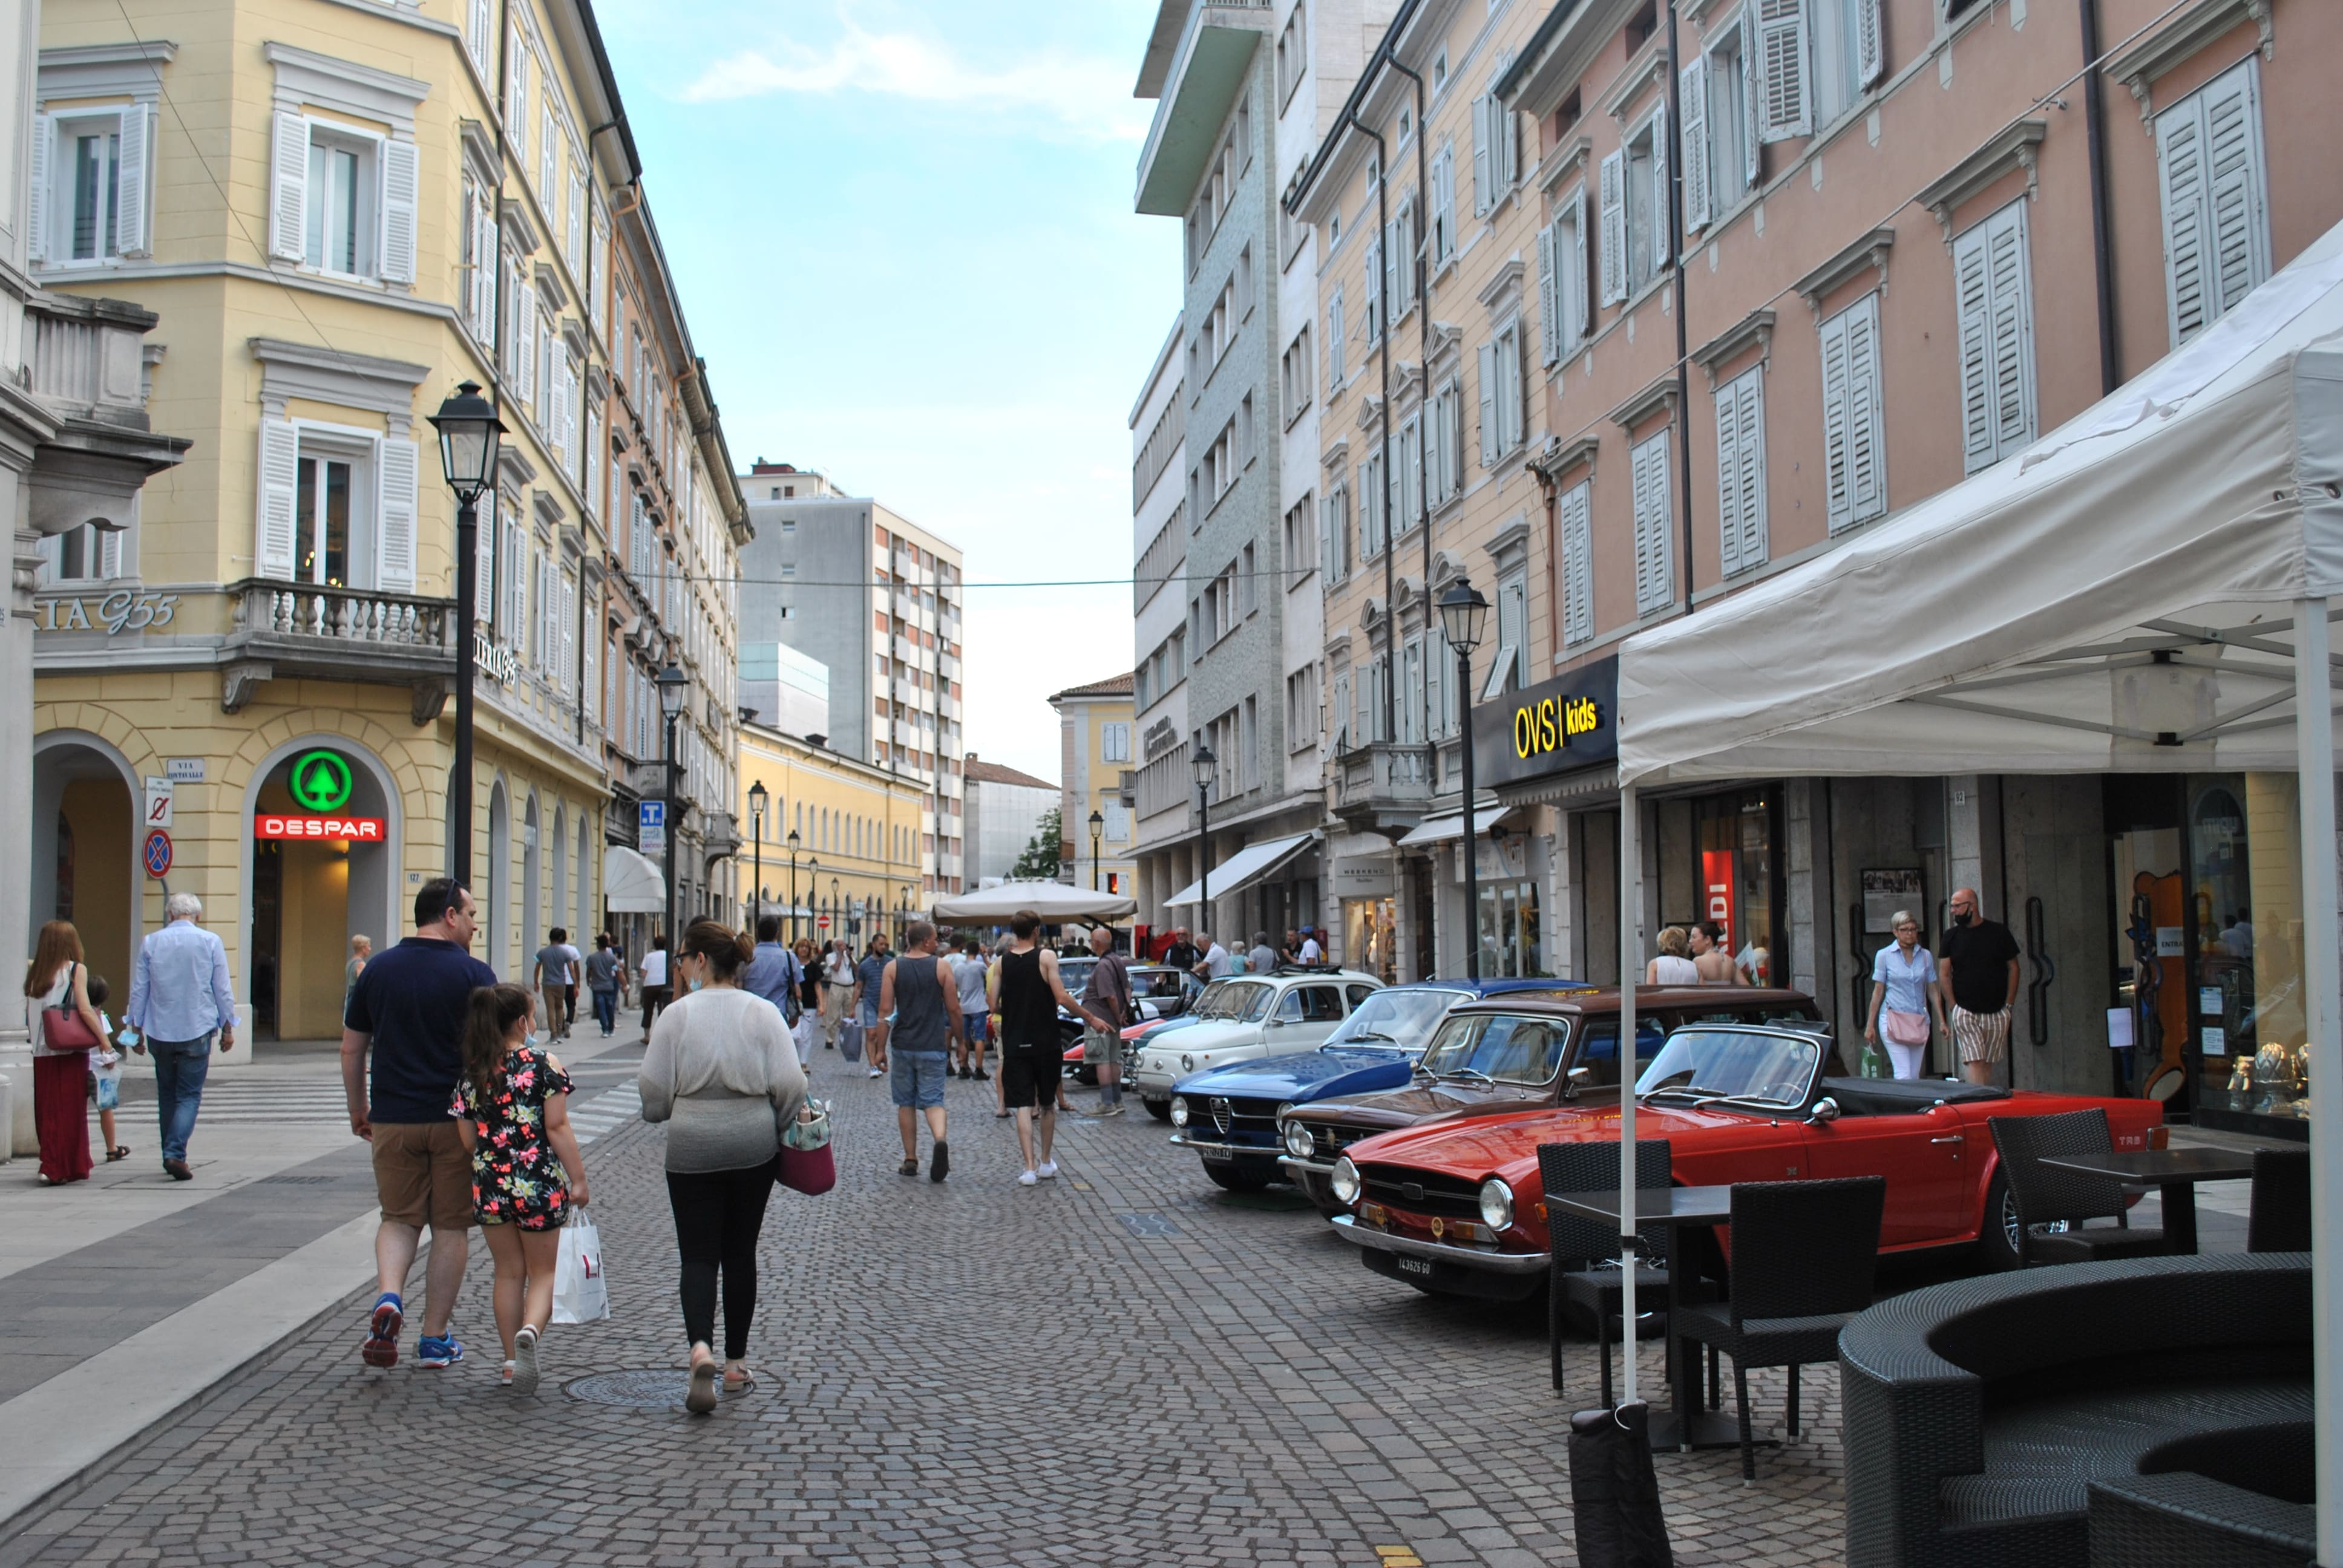 Immagine per Partono bene i saldi a Gorizia, maghi e auto d'epoca in centro ma manca la notte bianca